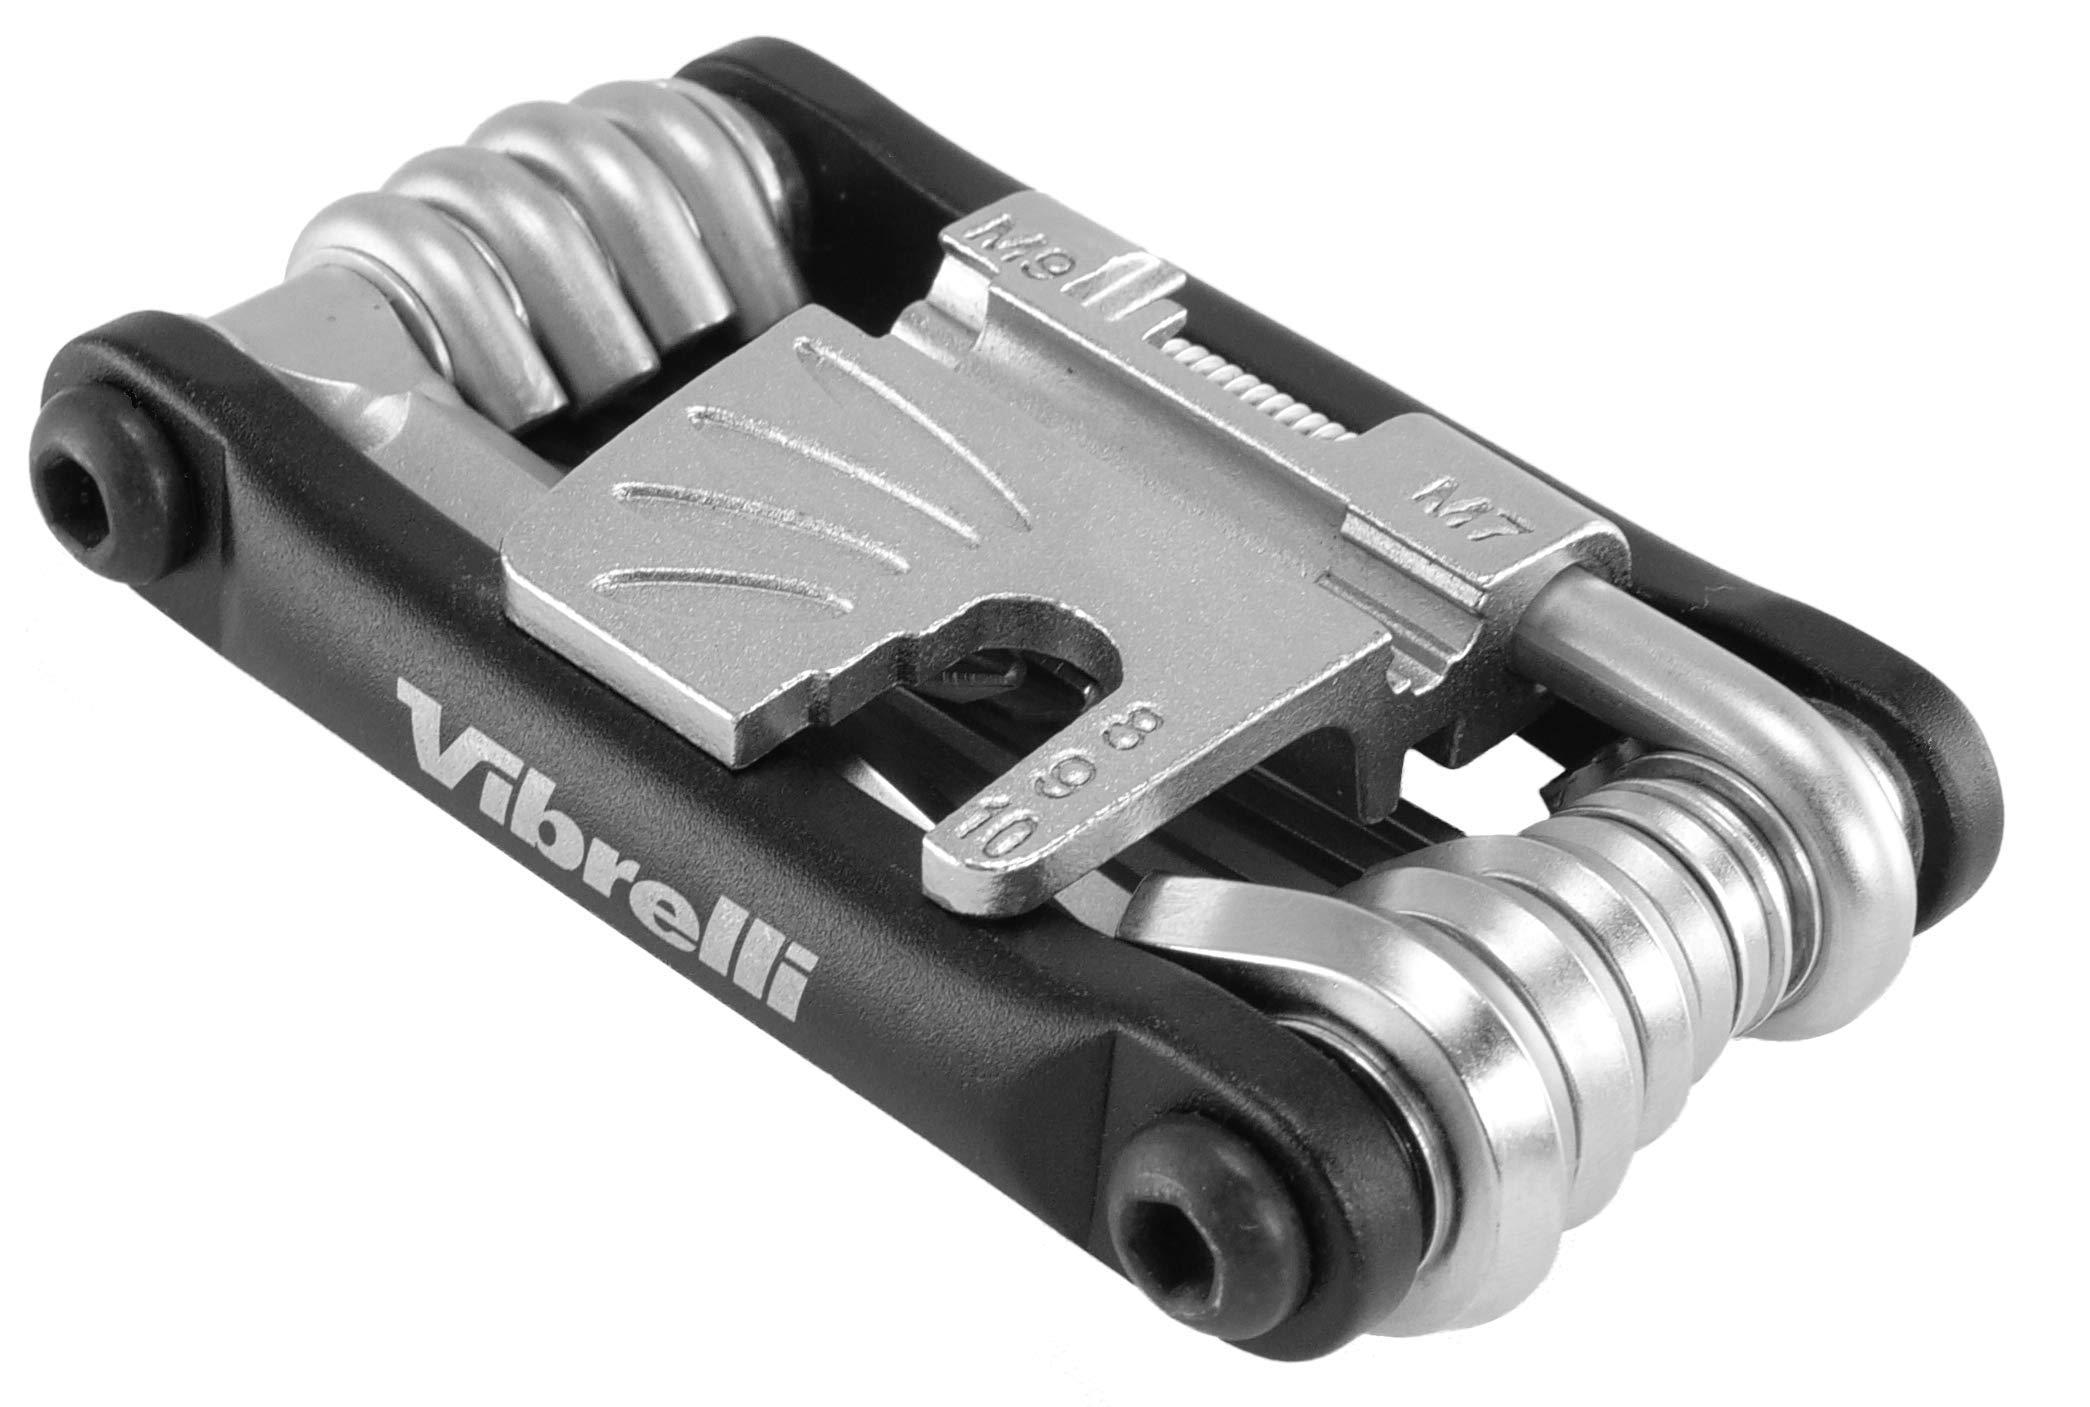 Vibrelli Bike Multi Tool V19